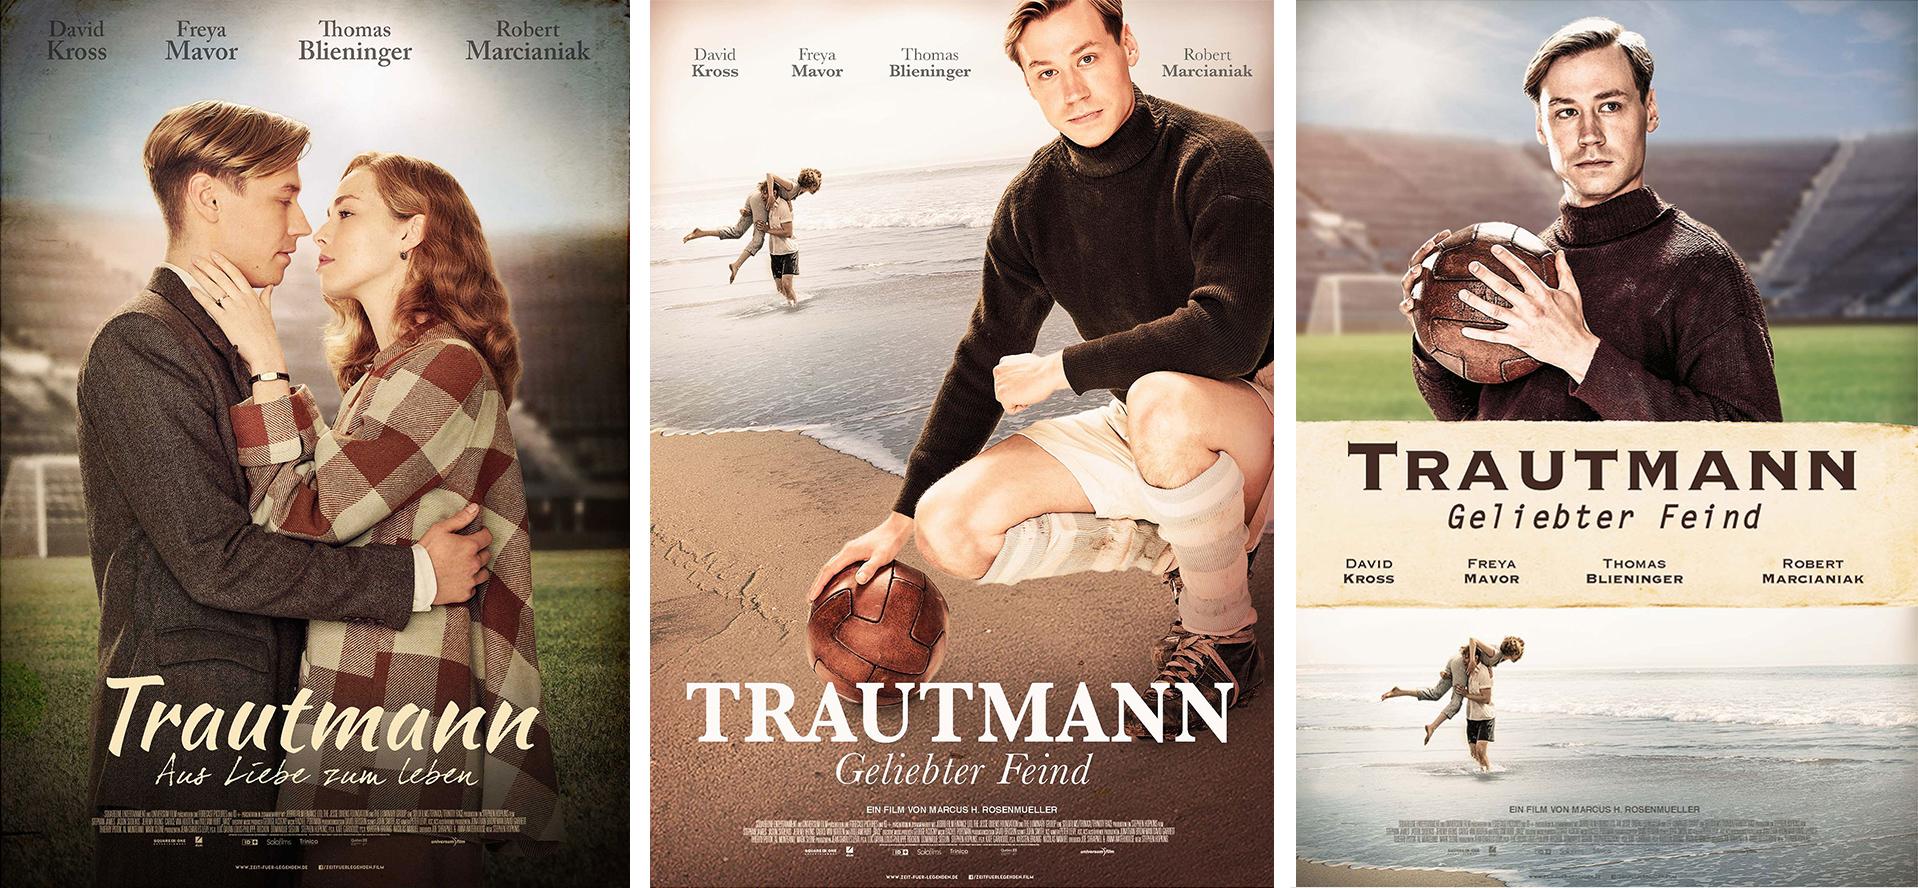 """Affiche du film allemand """"Trautman"""" - propositions non finales"""